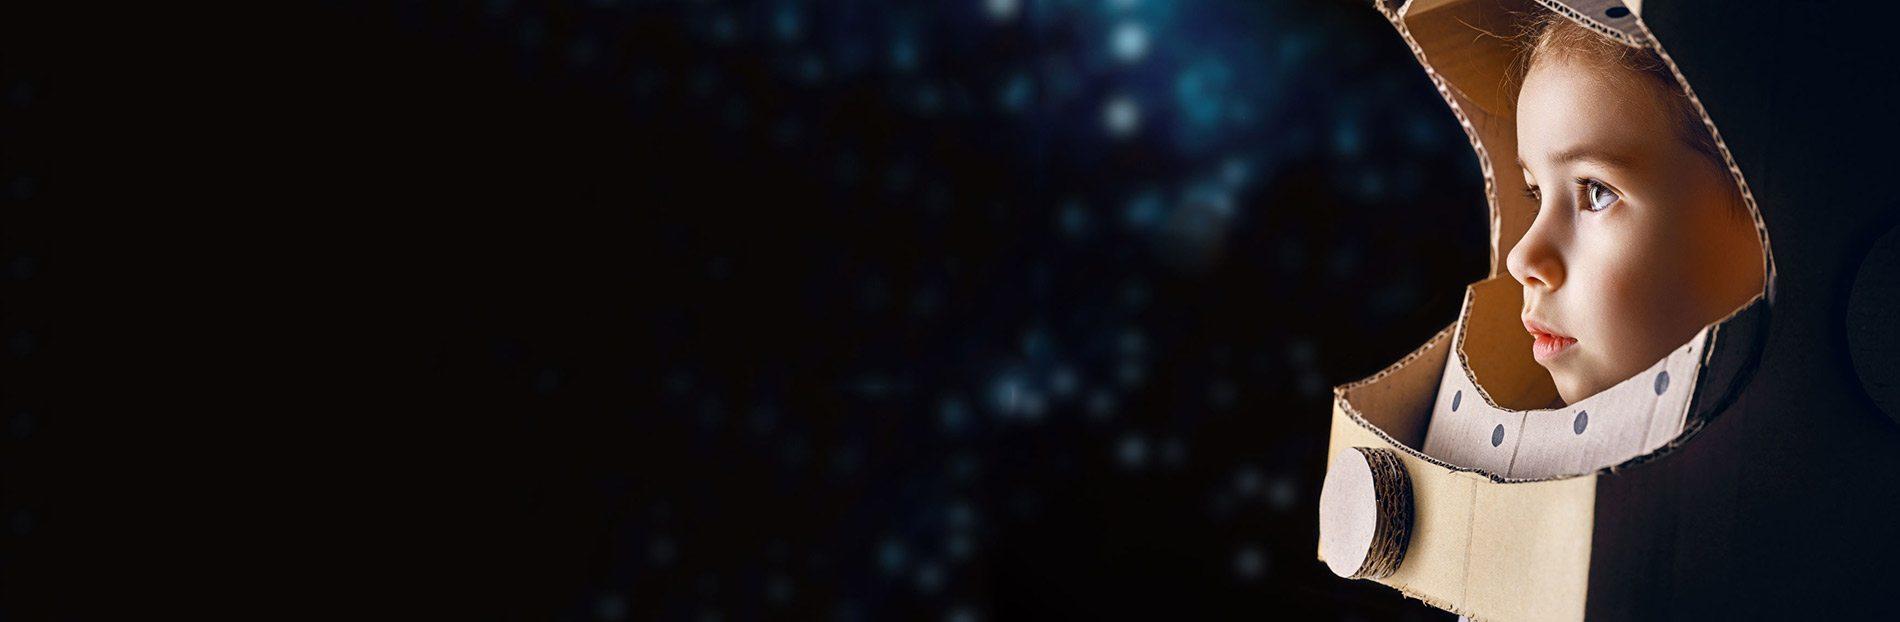 ילד עם קסדת אסטרונאוט עשויה מקרטון מביט לחלל בפליאה